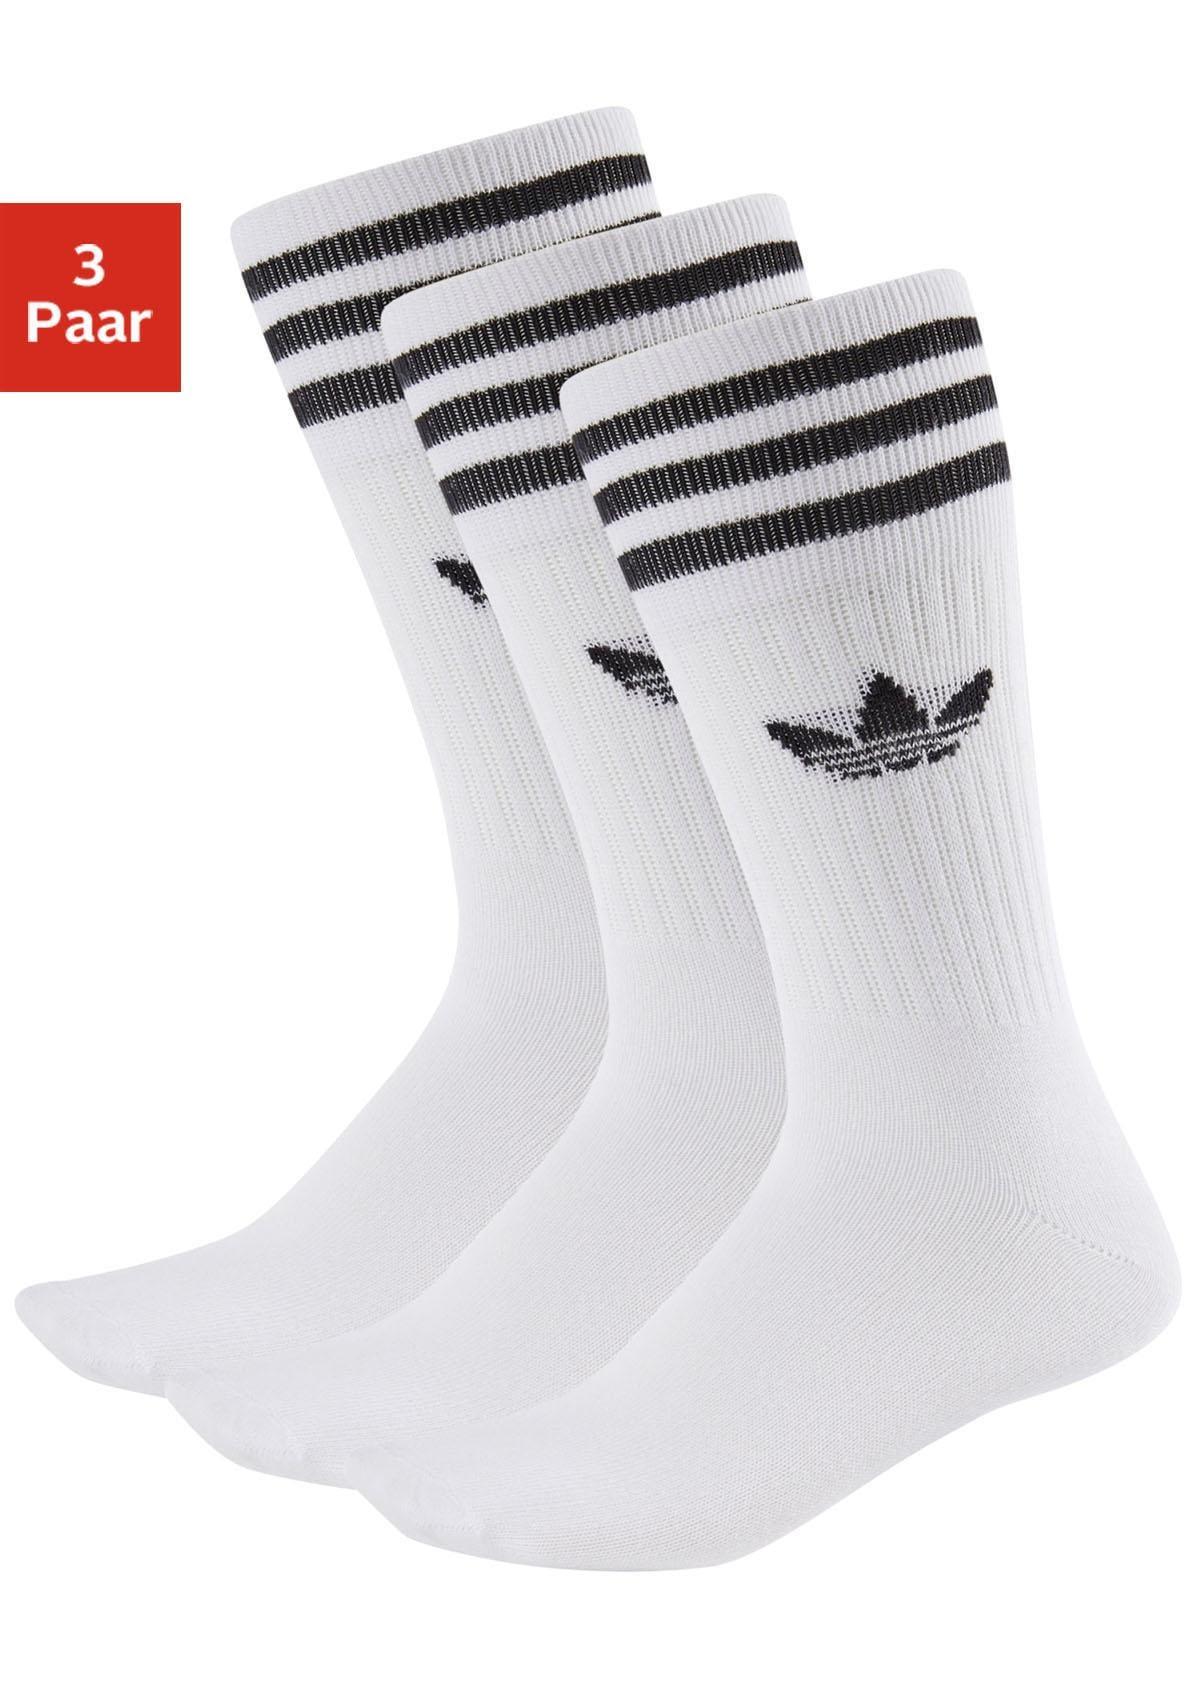 adidas Originals Tennissocken (3 Paar) mit Streifen am Bund im Preisvergleich